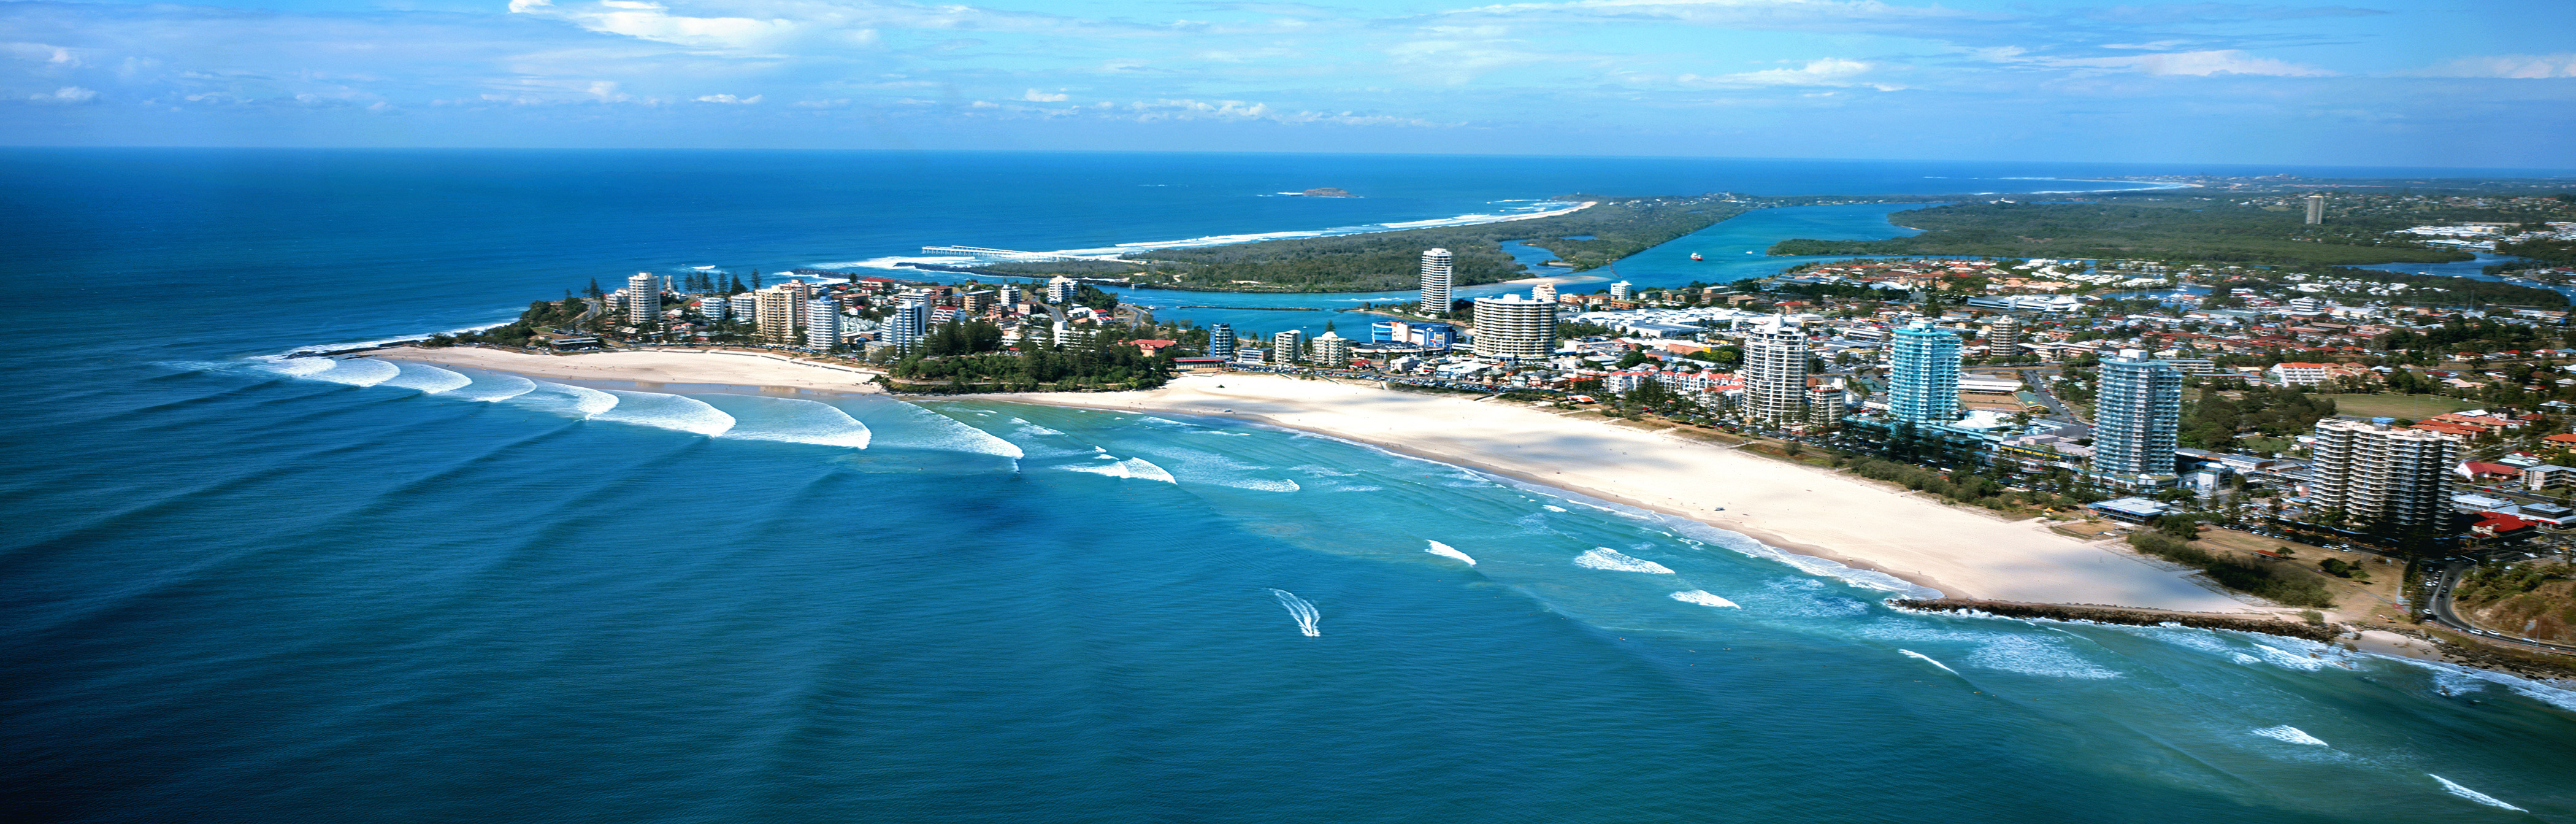 Photo by Mark Wilson - www.bigshotz.com.au Ph: +610755992033 email: info@bigshotz.com.au